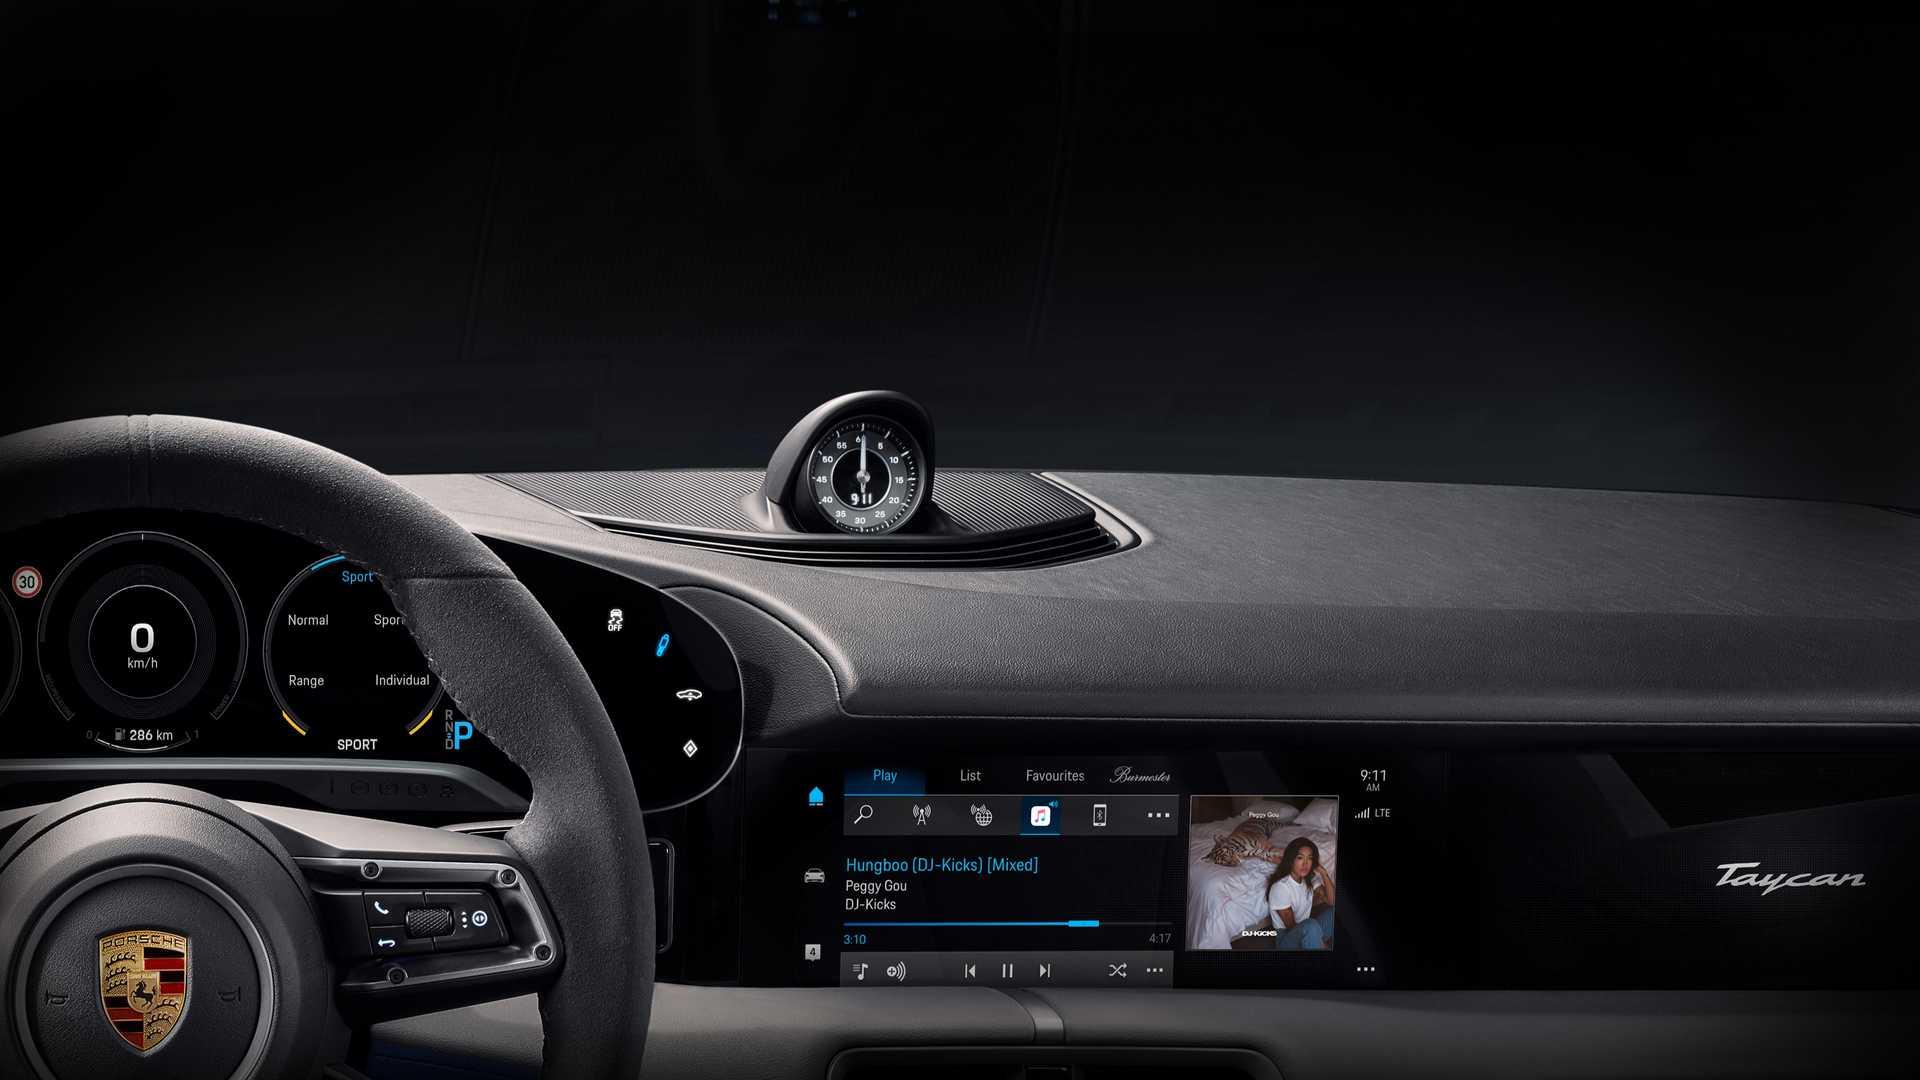 На первом официальном фото представлена часть передней панели будущего электромобиля Porsche Taycan.